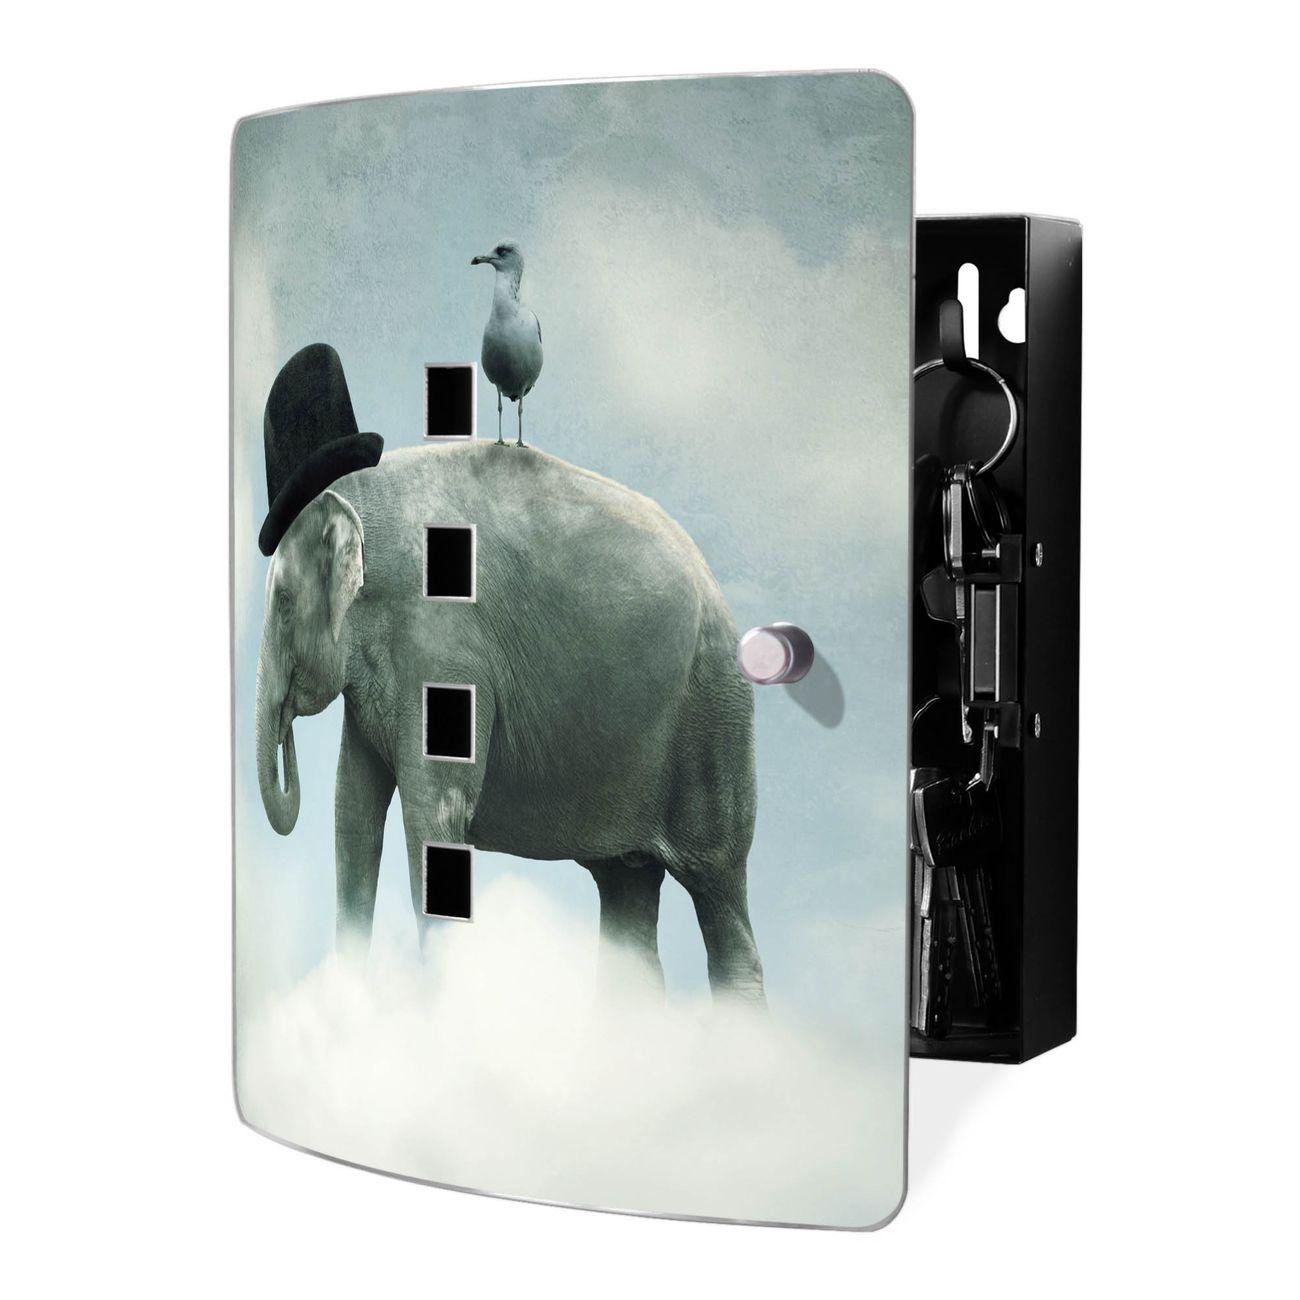 Schlüsselkasten Motiv Elefant und Möwe